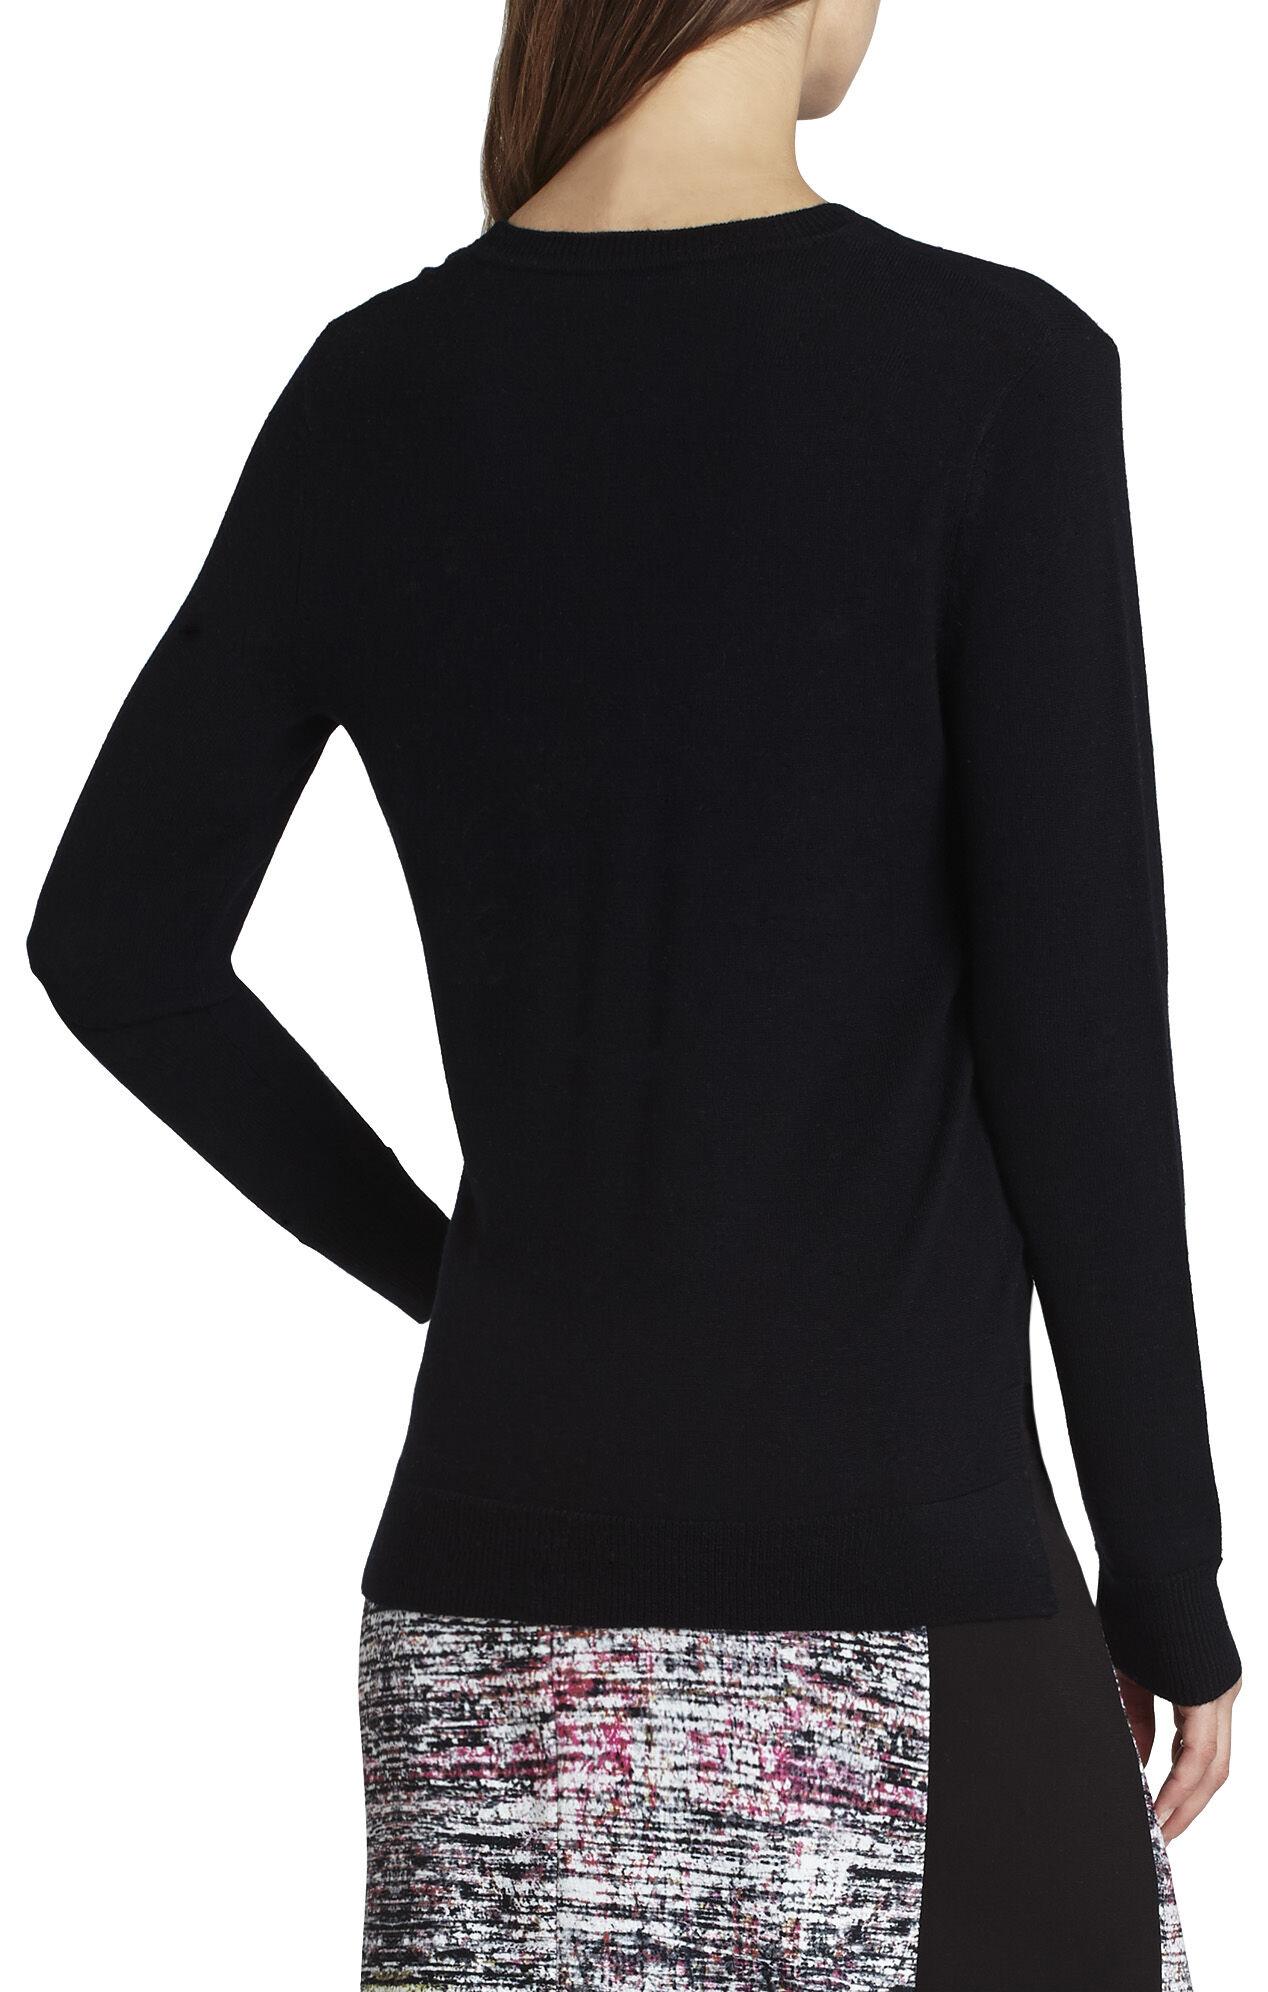 Joice Sheer V-Neck Pullover